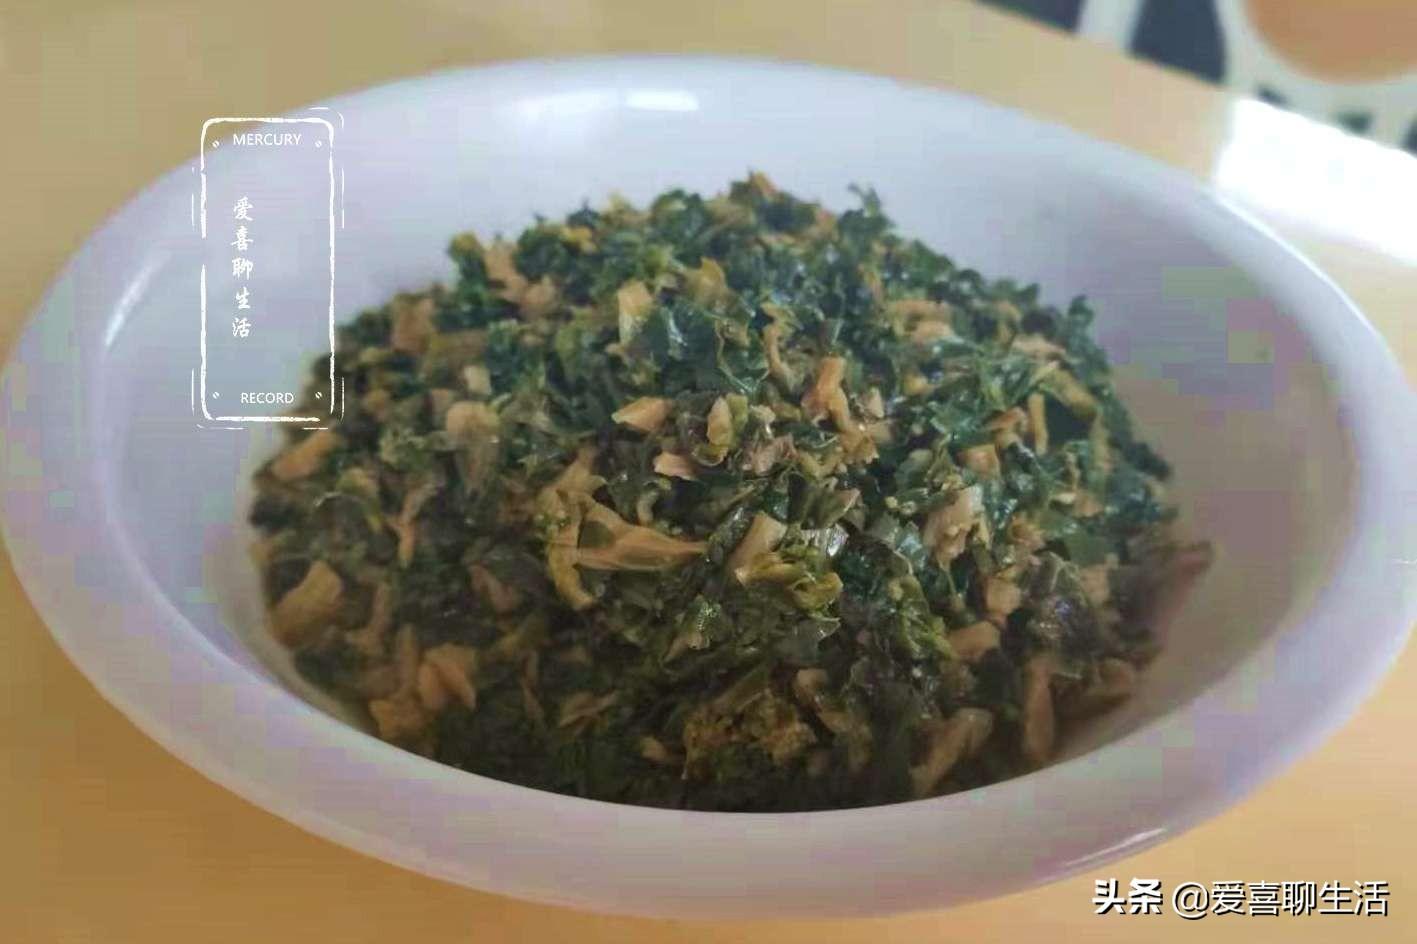 这食材在农村不起眼,城里却卖25一斤,锅中一炒清香脆嫩太美味 美食做法 第1张